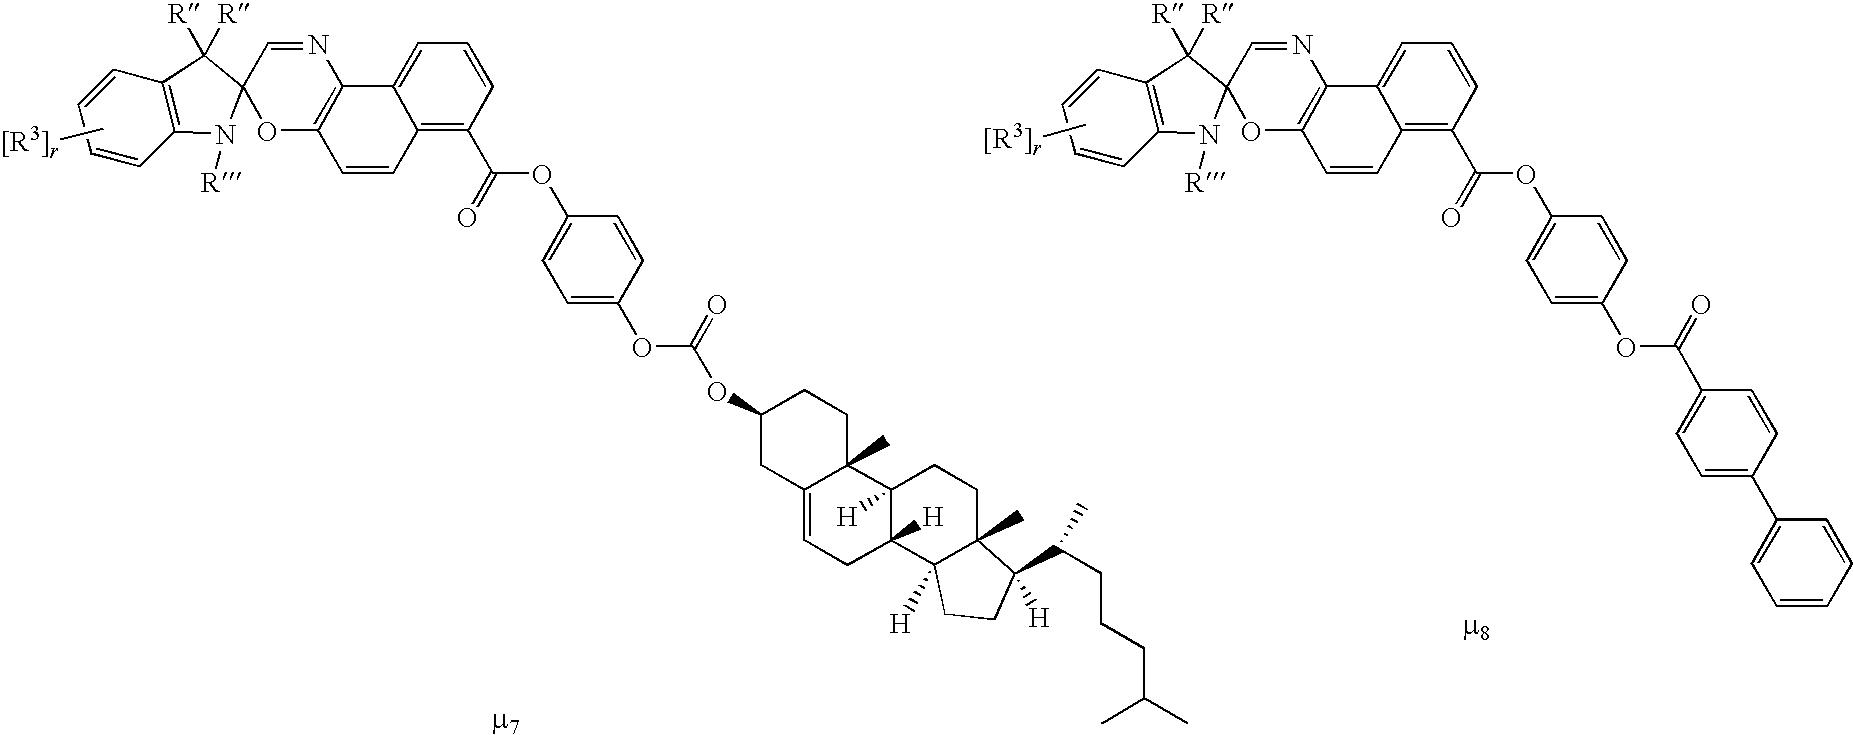 Figure US07847998-20101207-C00033